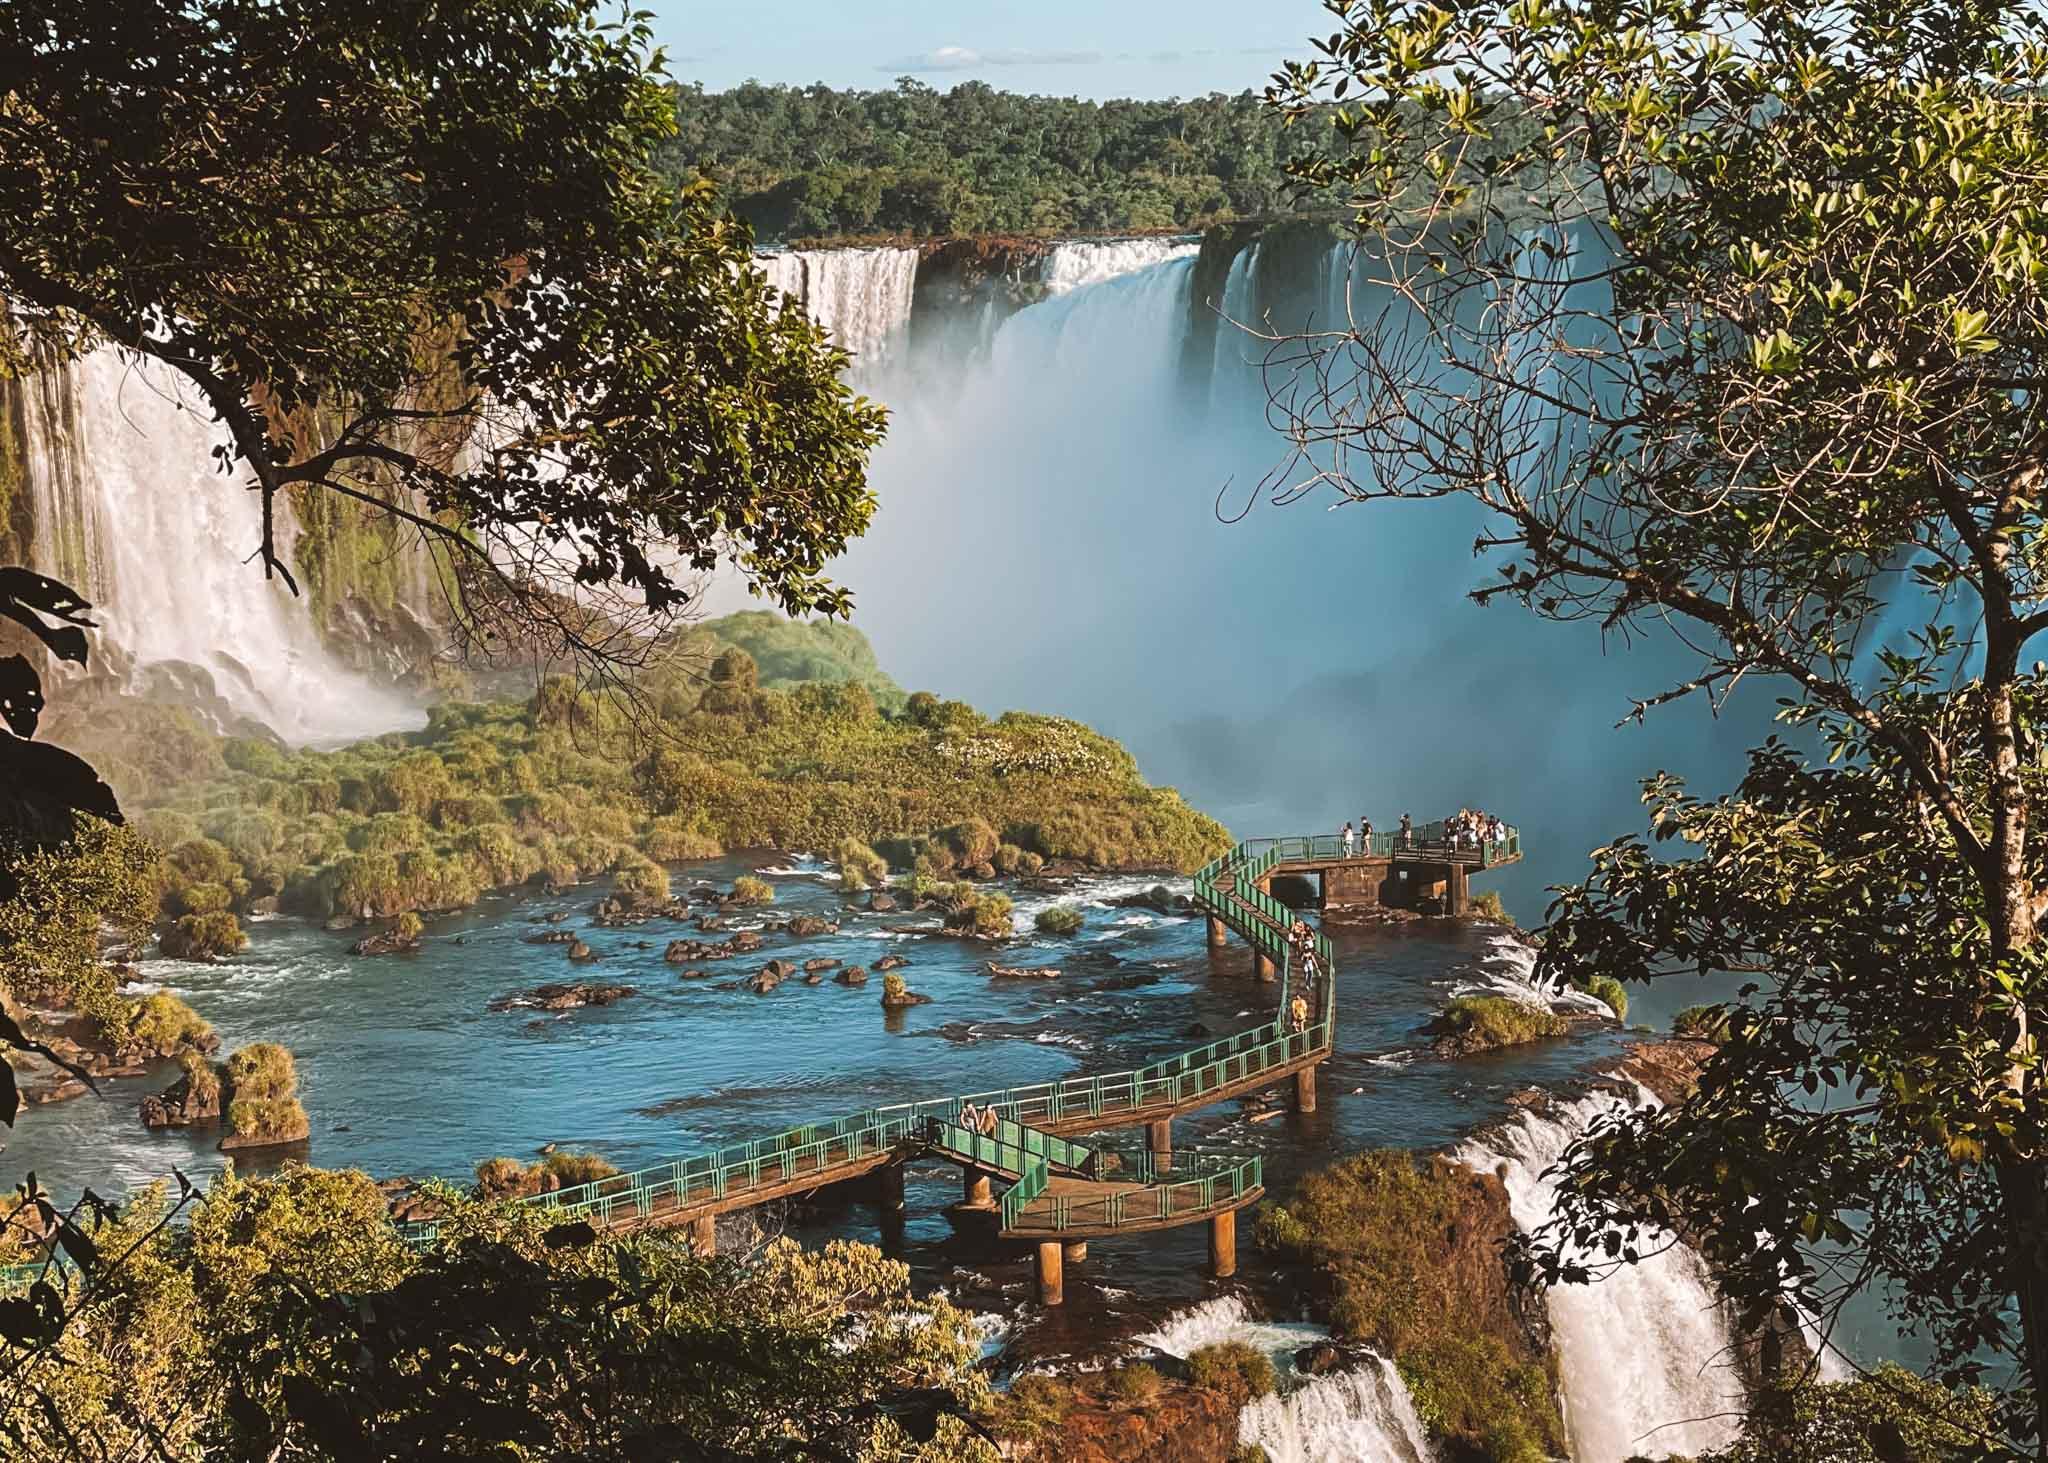 O que fazer em Foz do Iguaçú: as melhores dicas para o seu roteiro